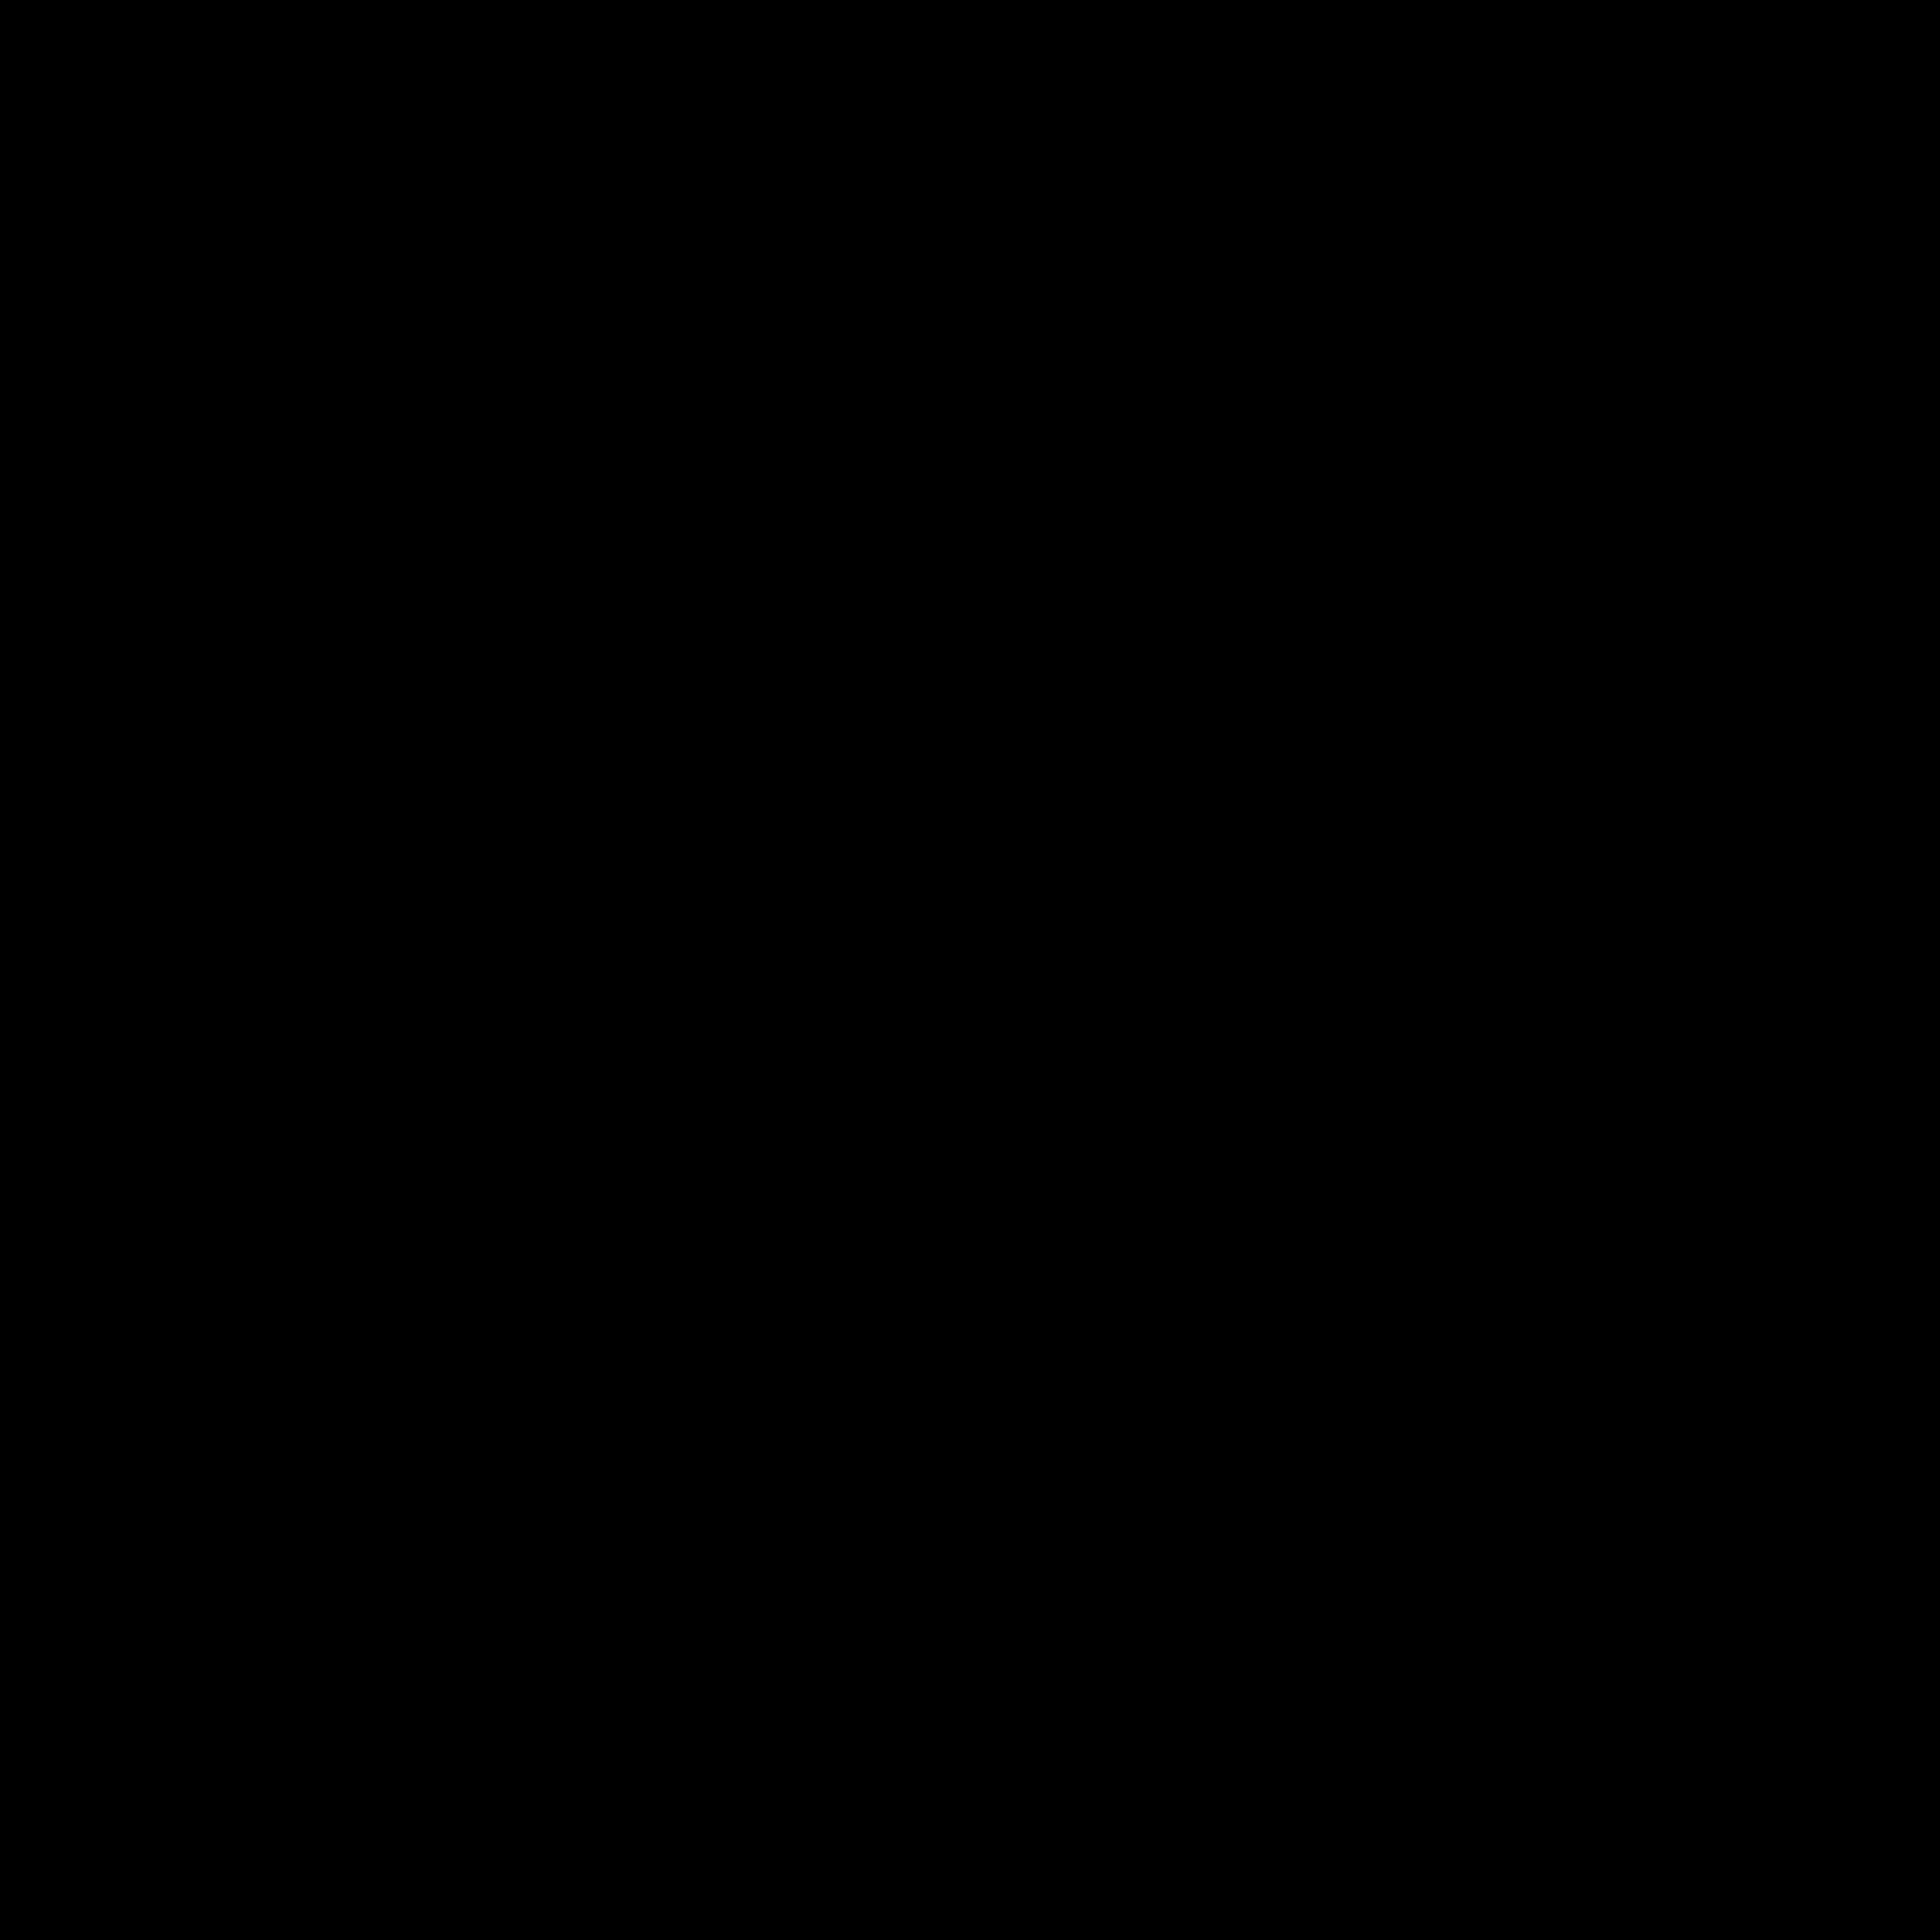 Motorola logotype